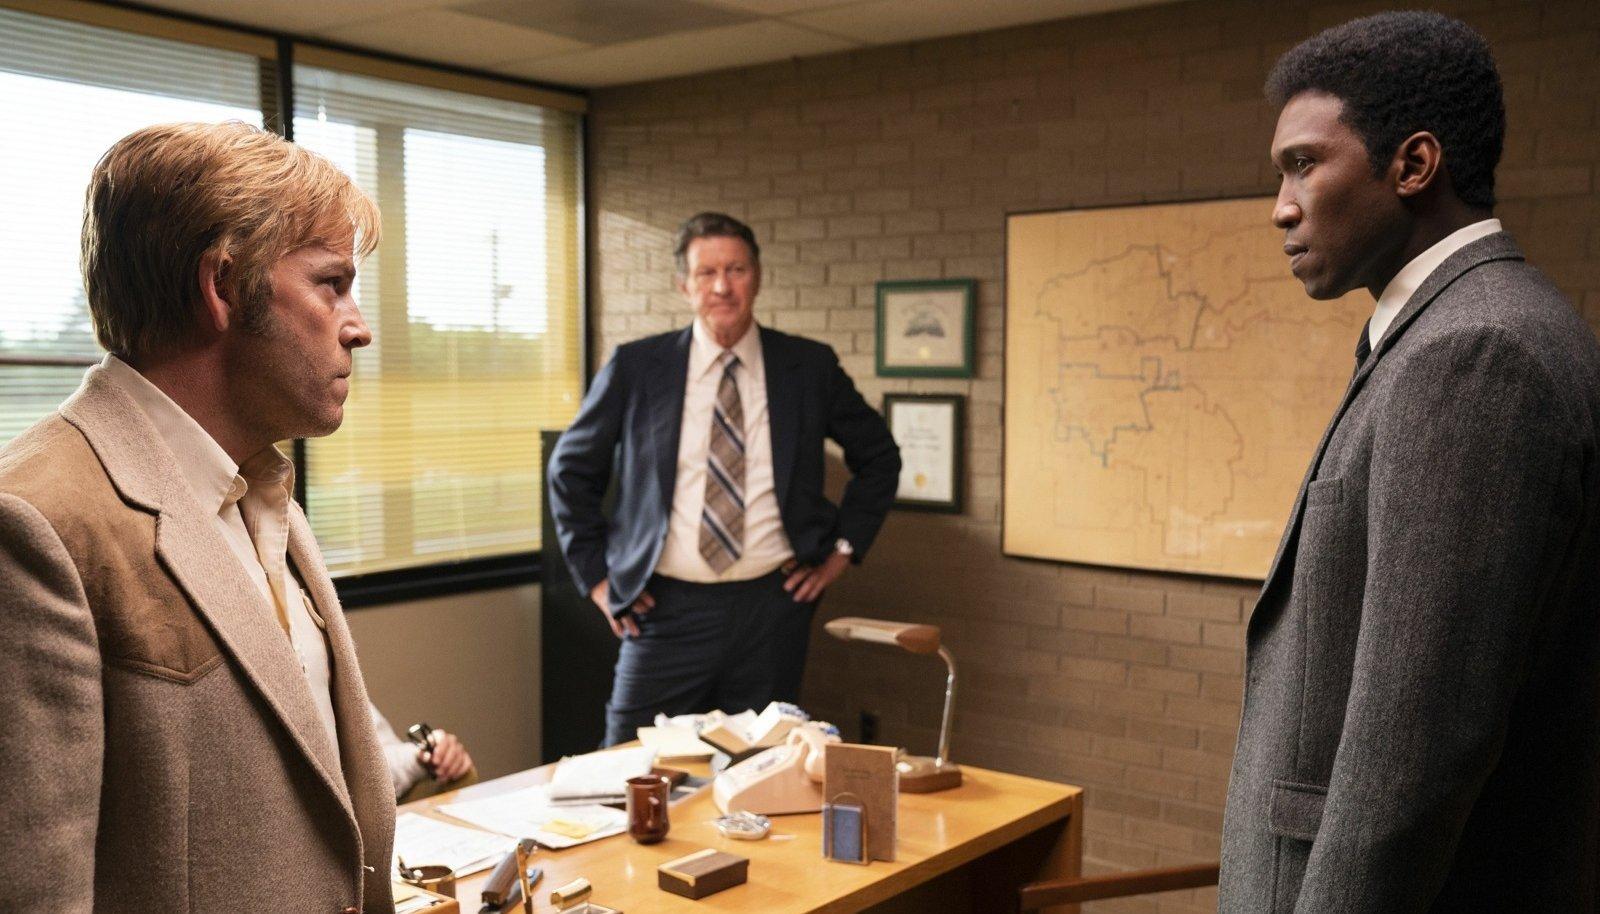 POLIITIKA SEKKUB JUURDLUSSE: Detektiivid Roland West (Stephen Dorff, vasakul) ja Wayne Hays (Mahershala Ali, paremal) peavad uurimises arvestama piirkonnaprokurör Gerald Kindti (Brett Cullen) poliitiliste motiividega.